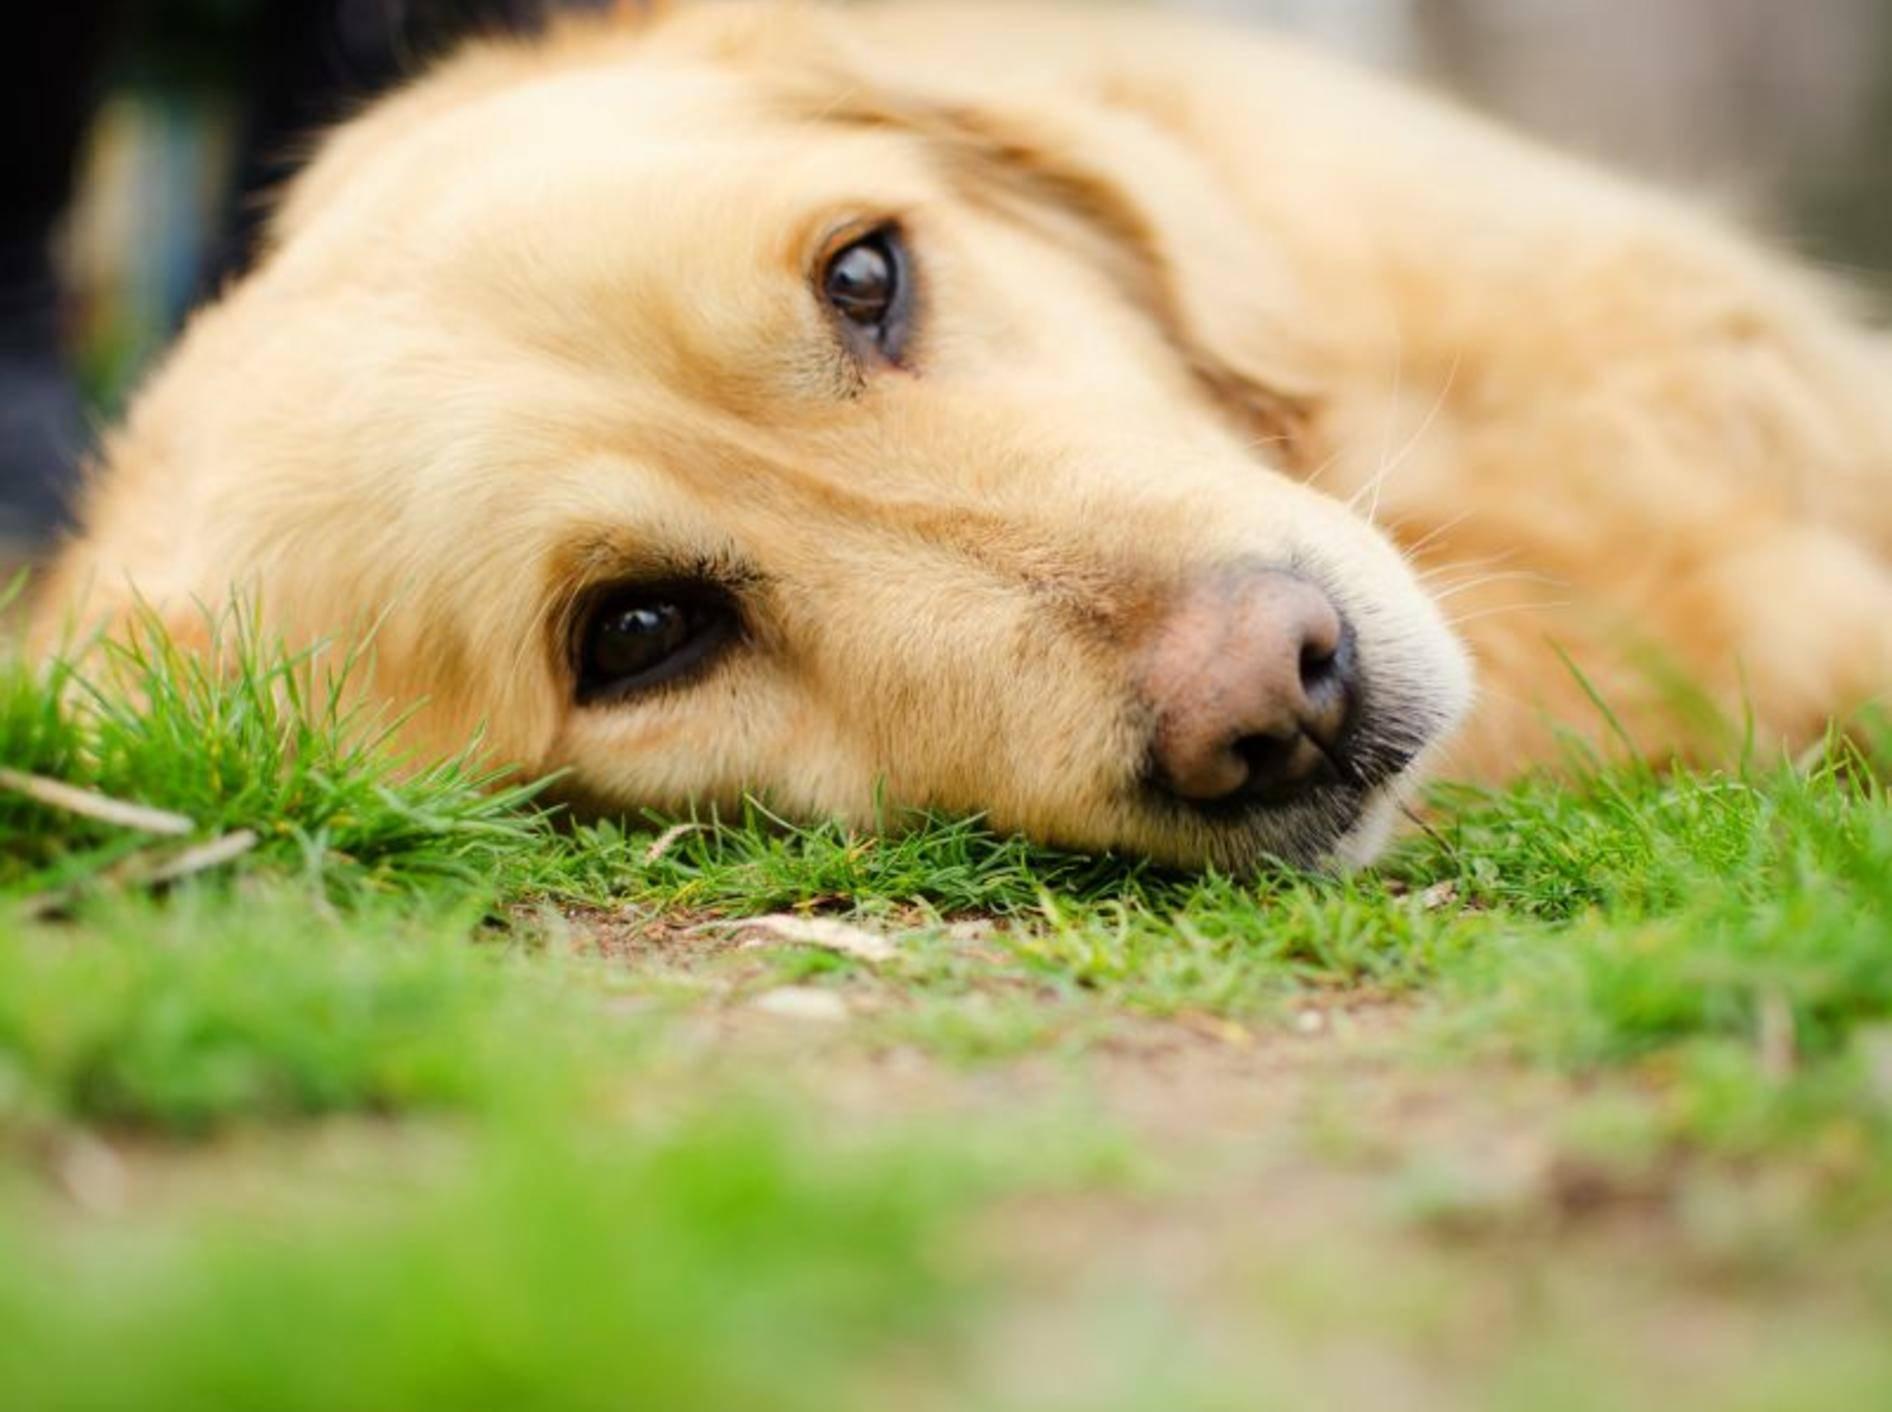 Epilepsie bei Hunden: Die Symptome treten bei bestimmten Rassen wie Golden Retrievern häufiger auf — Bild: Shutterstock / Malija